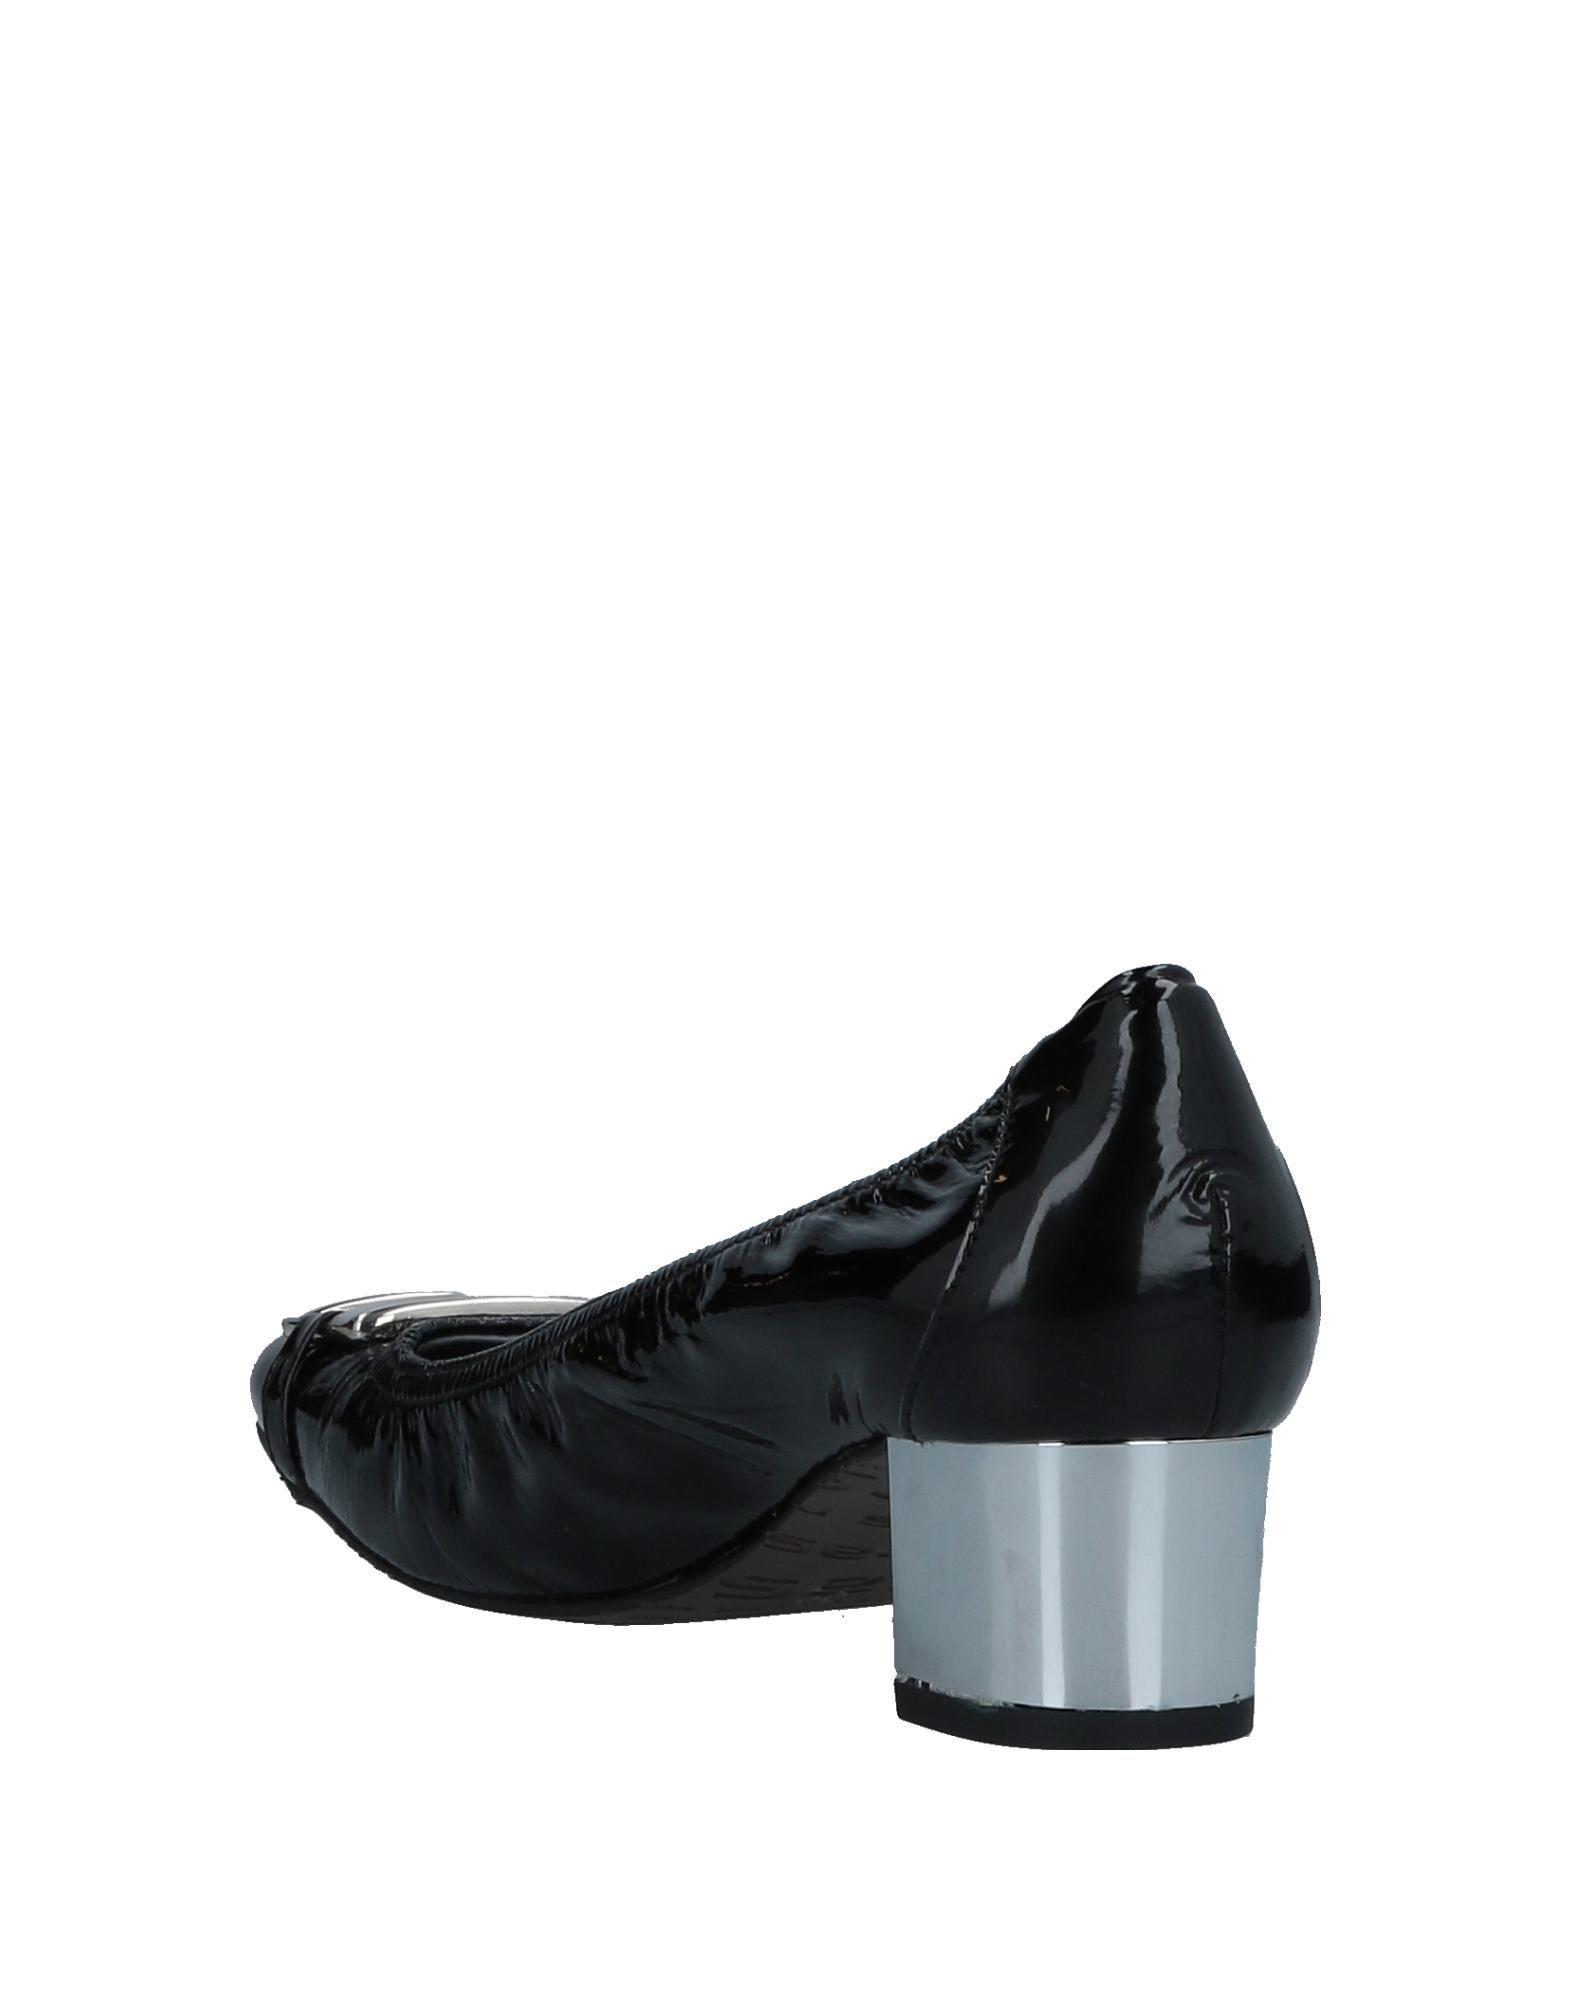 Ras Heiße Pumps Damen  11519049CJ Heiße Ras Schuhe 52536b